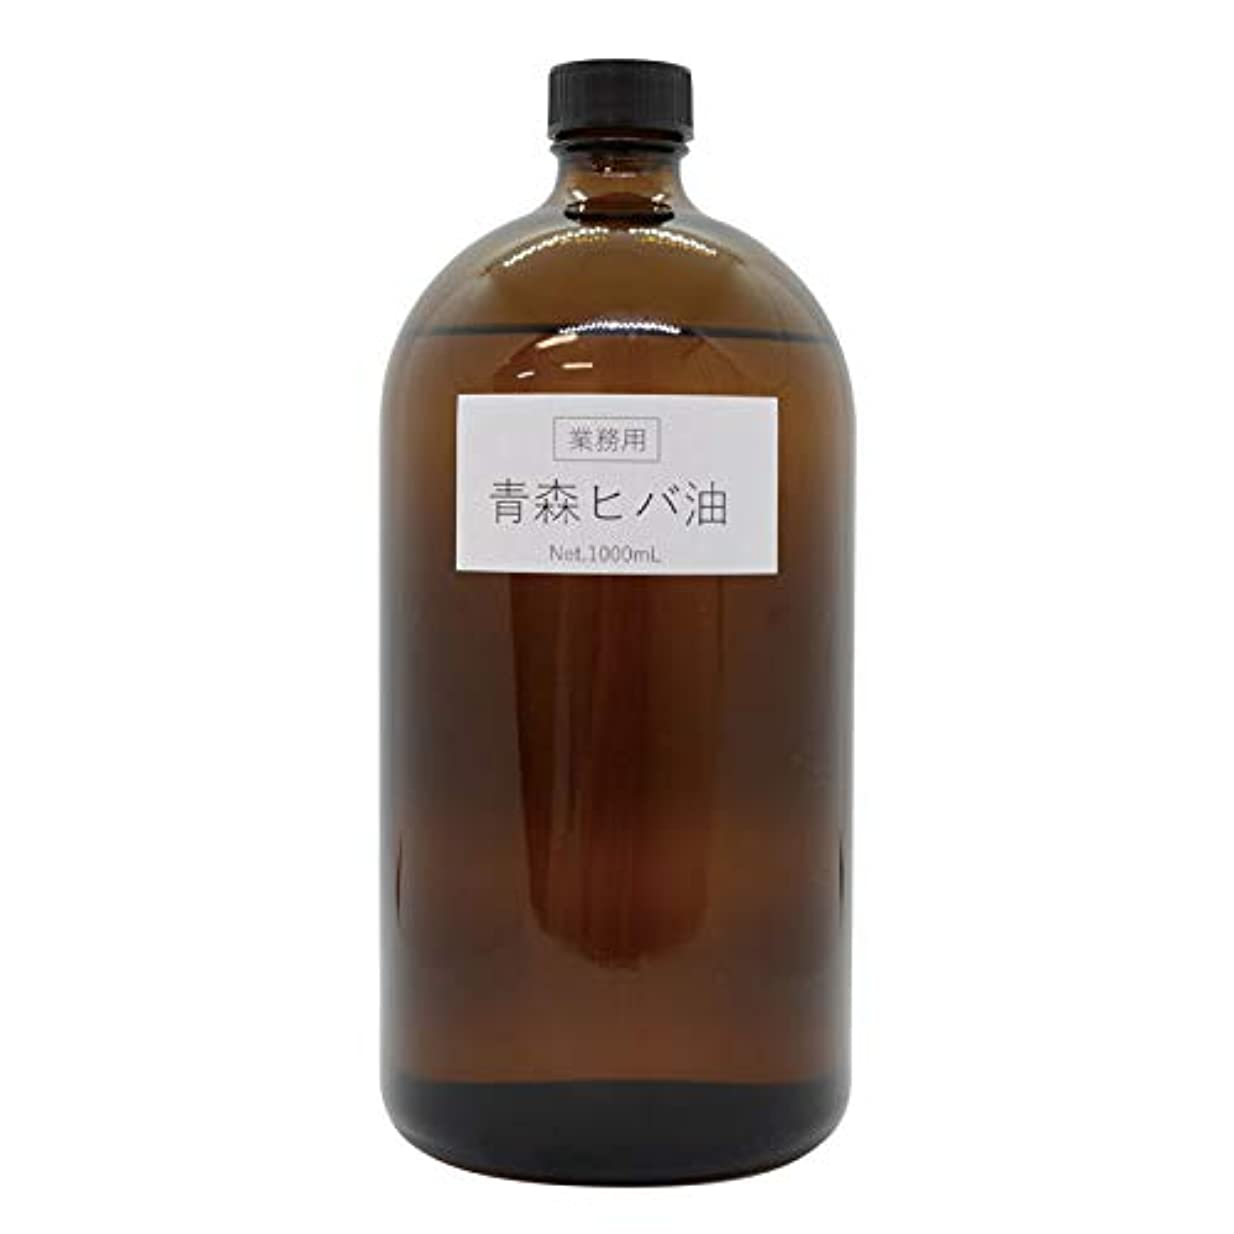 孤独なテンション完全に乾く業務用 青森ひば油 1000ml ヒバオイル